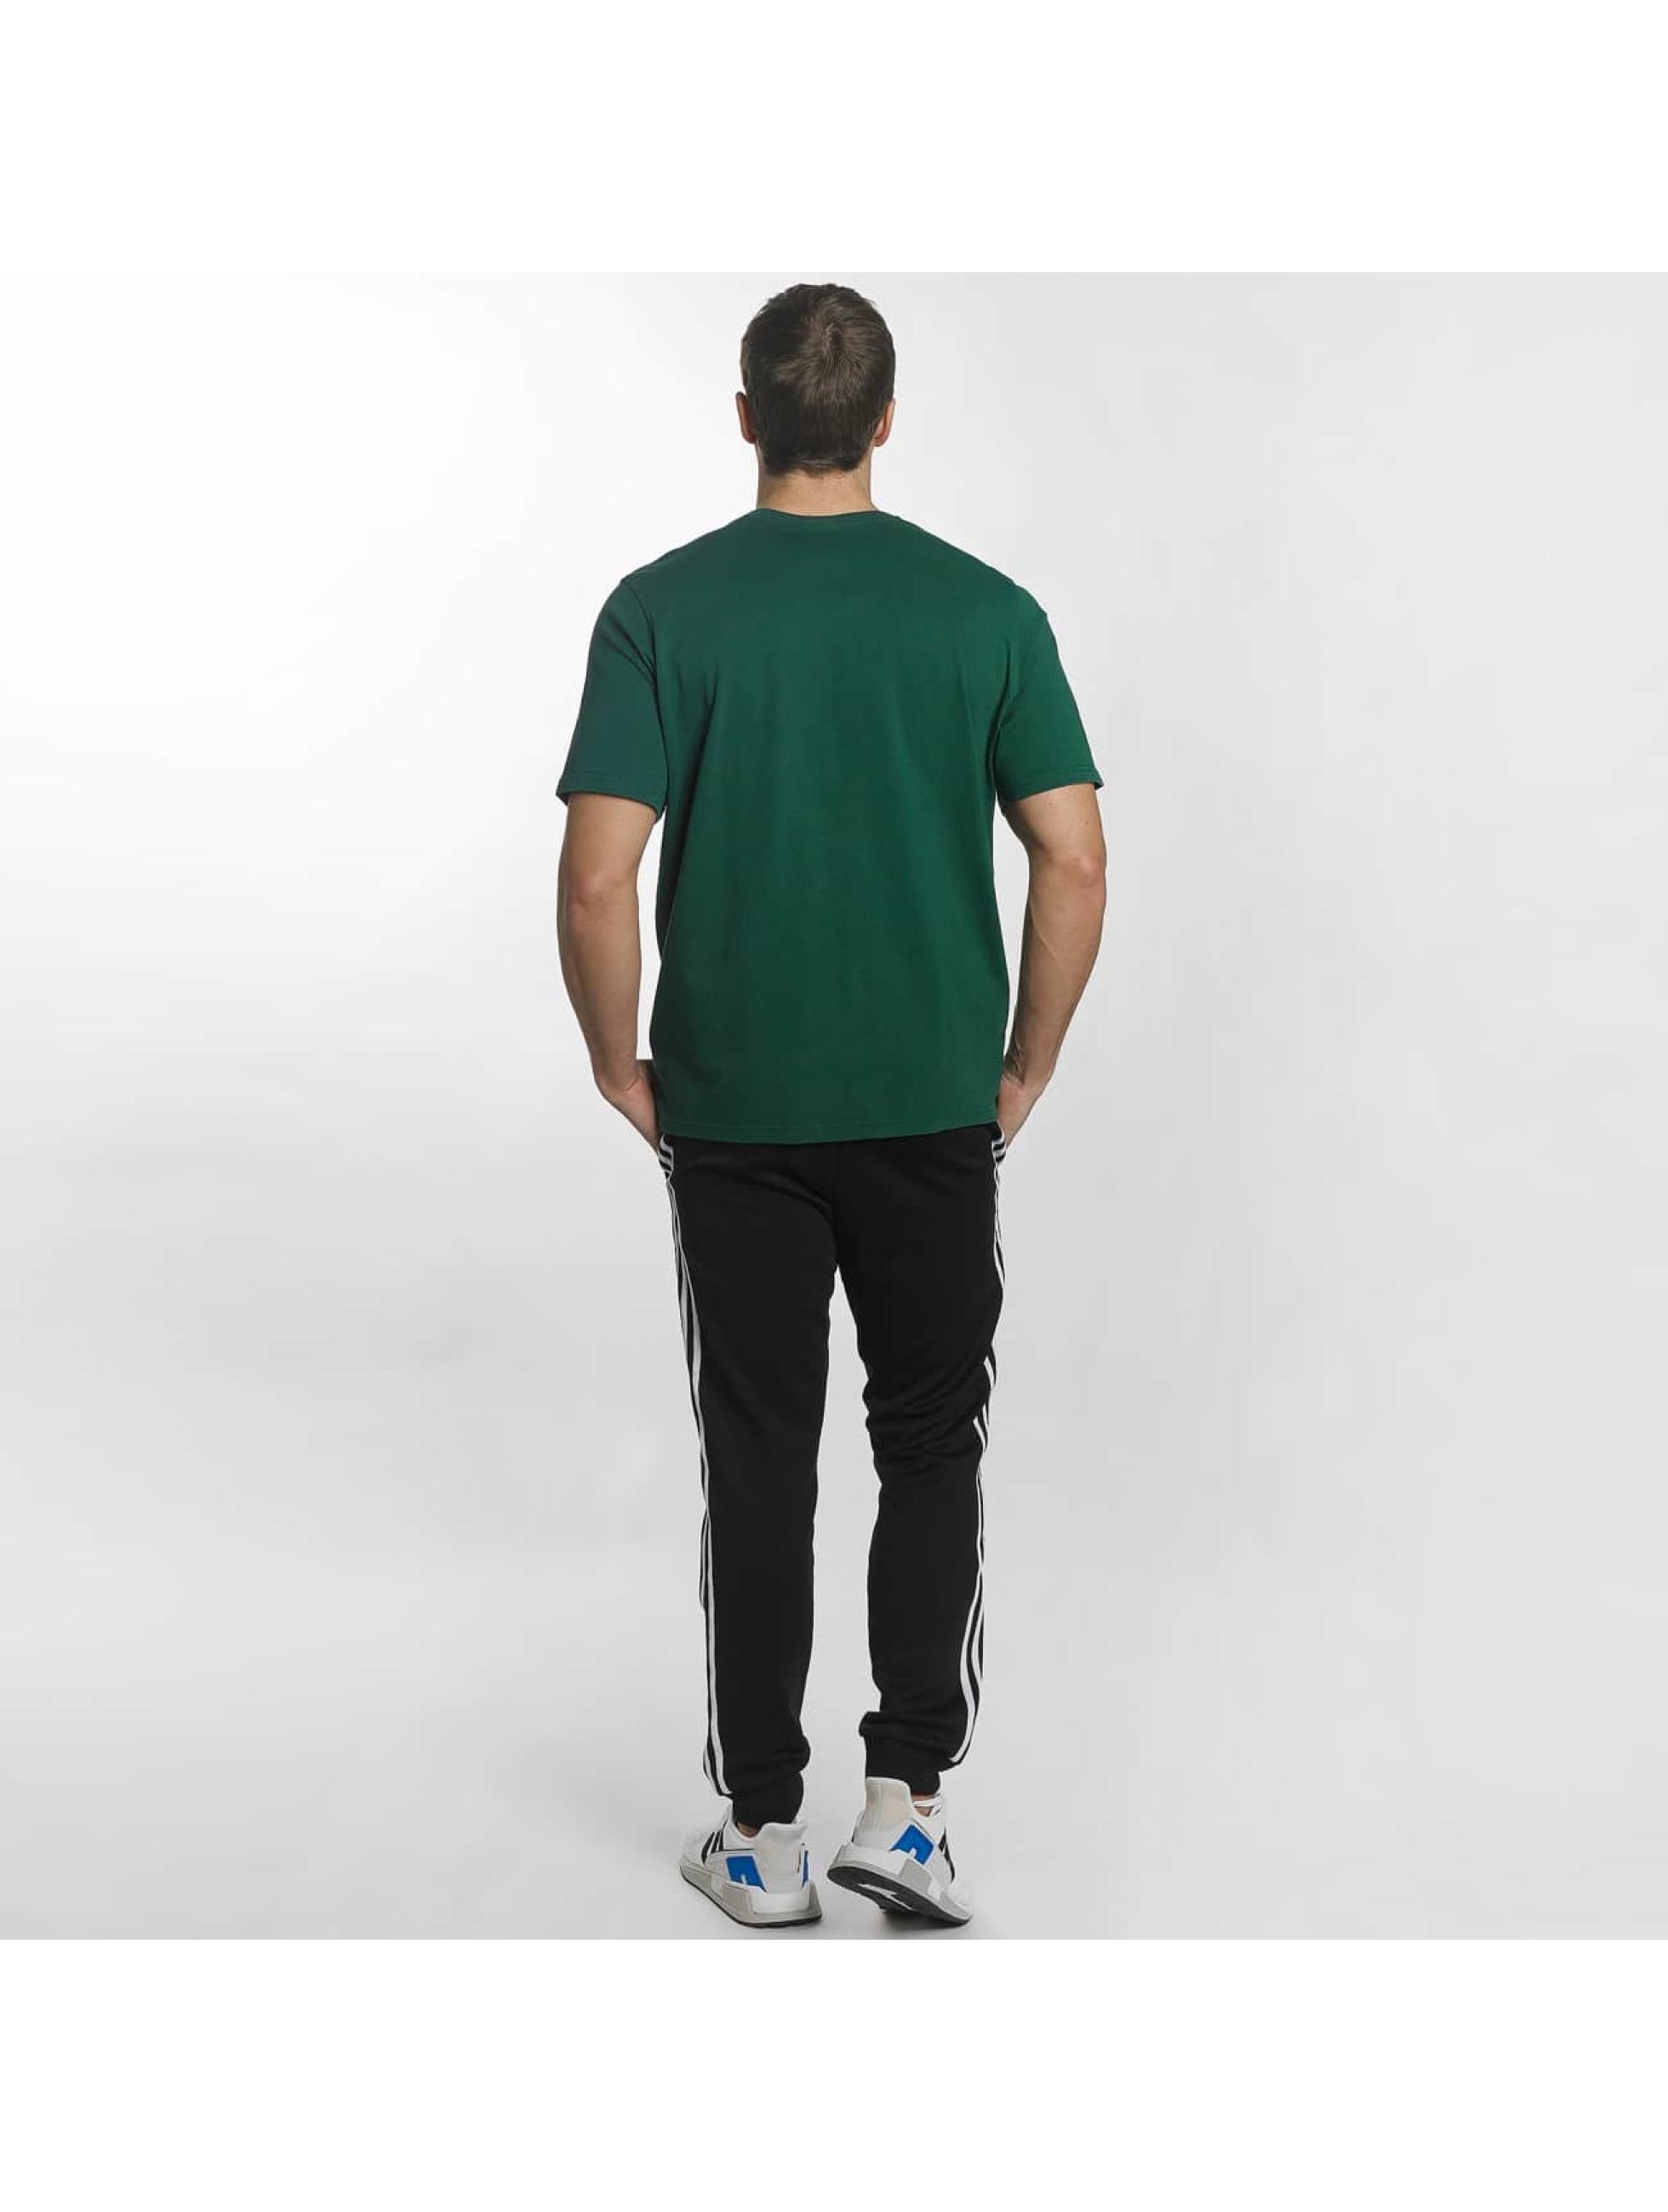 adidas originals t-shirt Trefoil groen